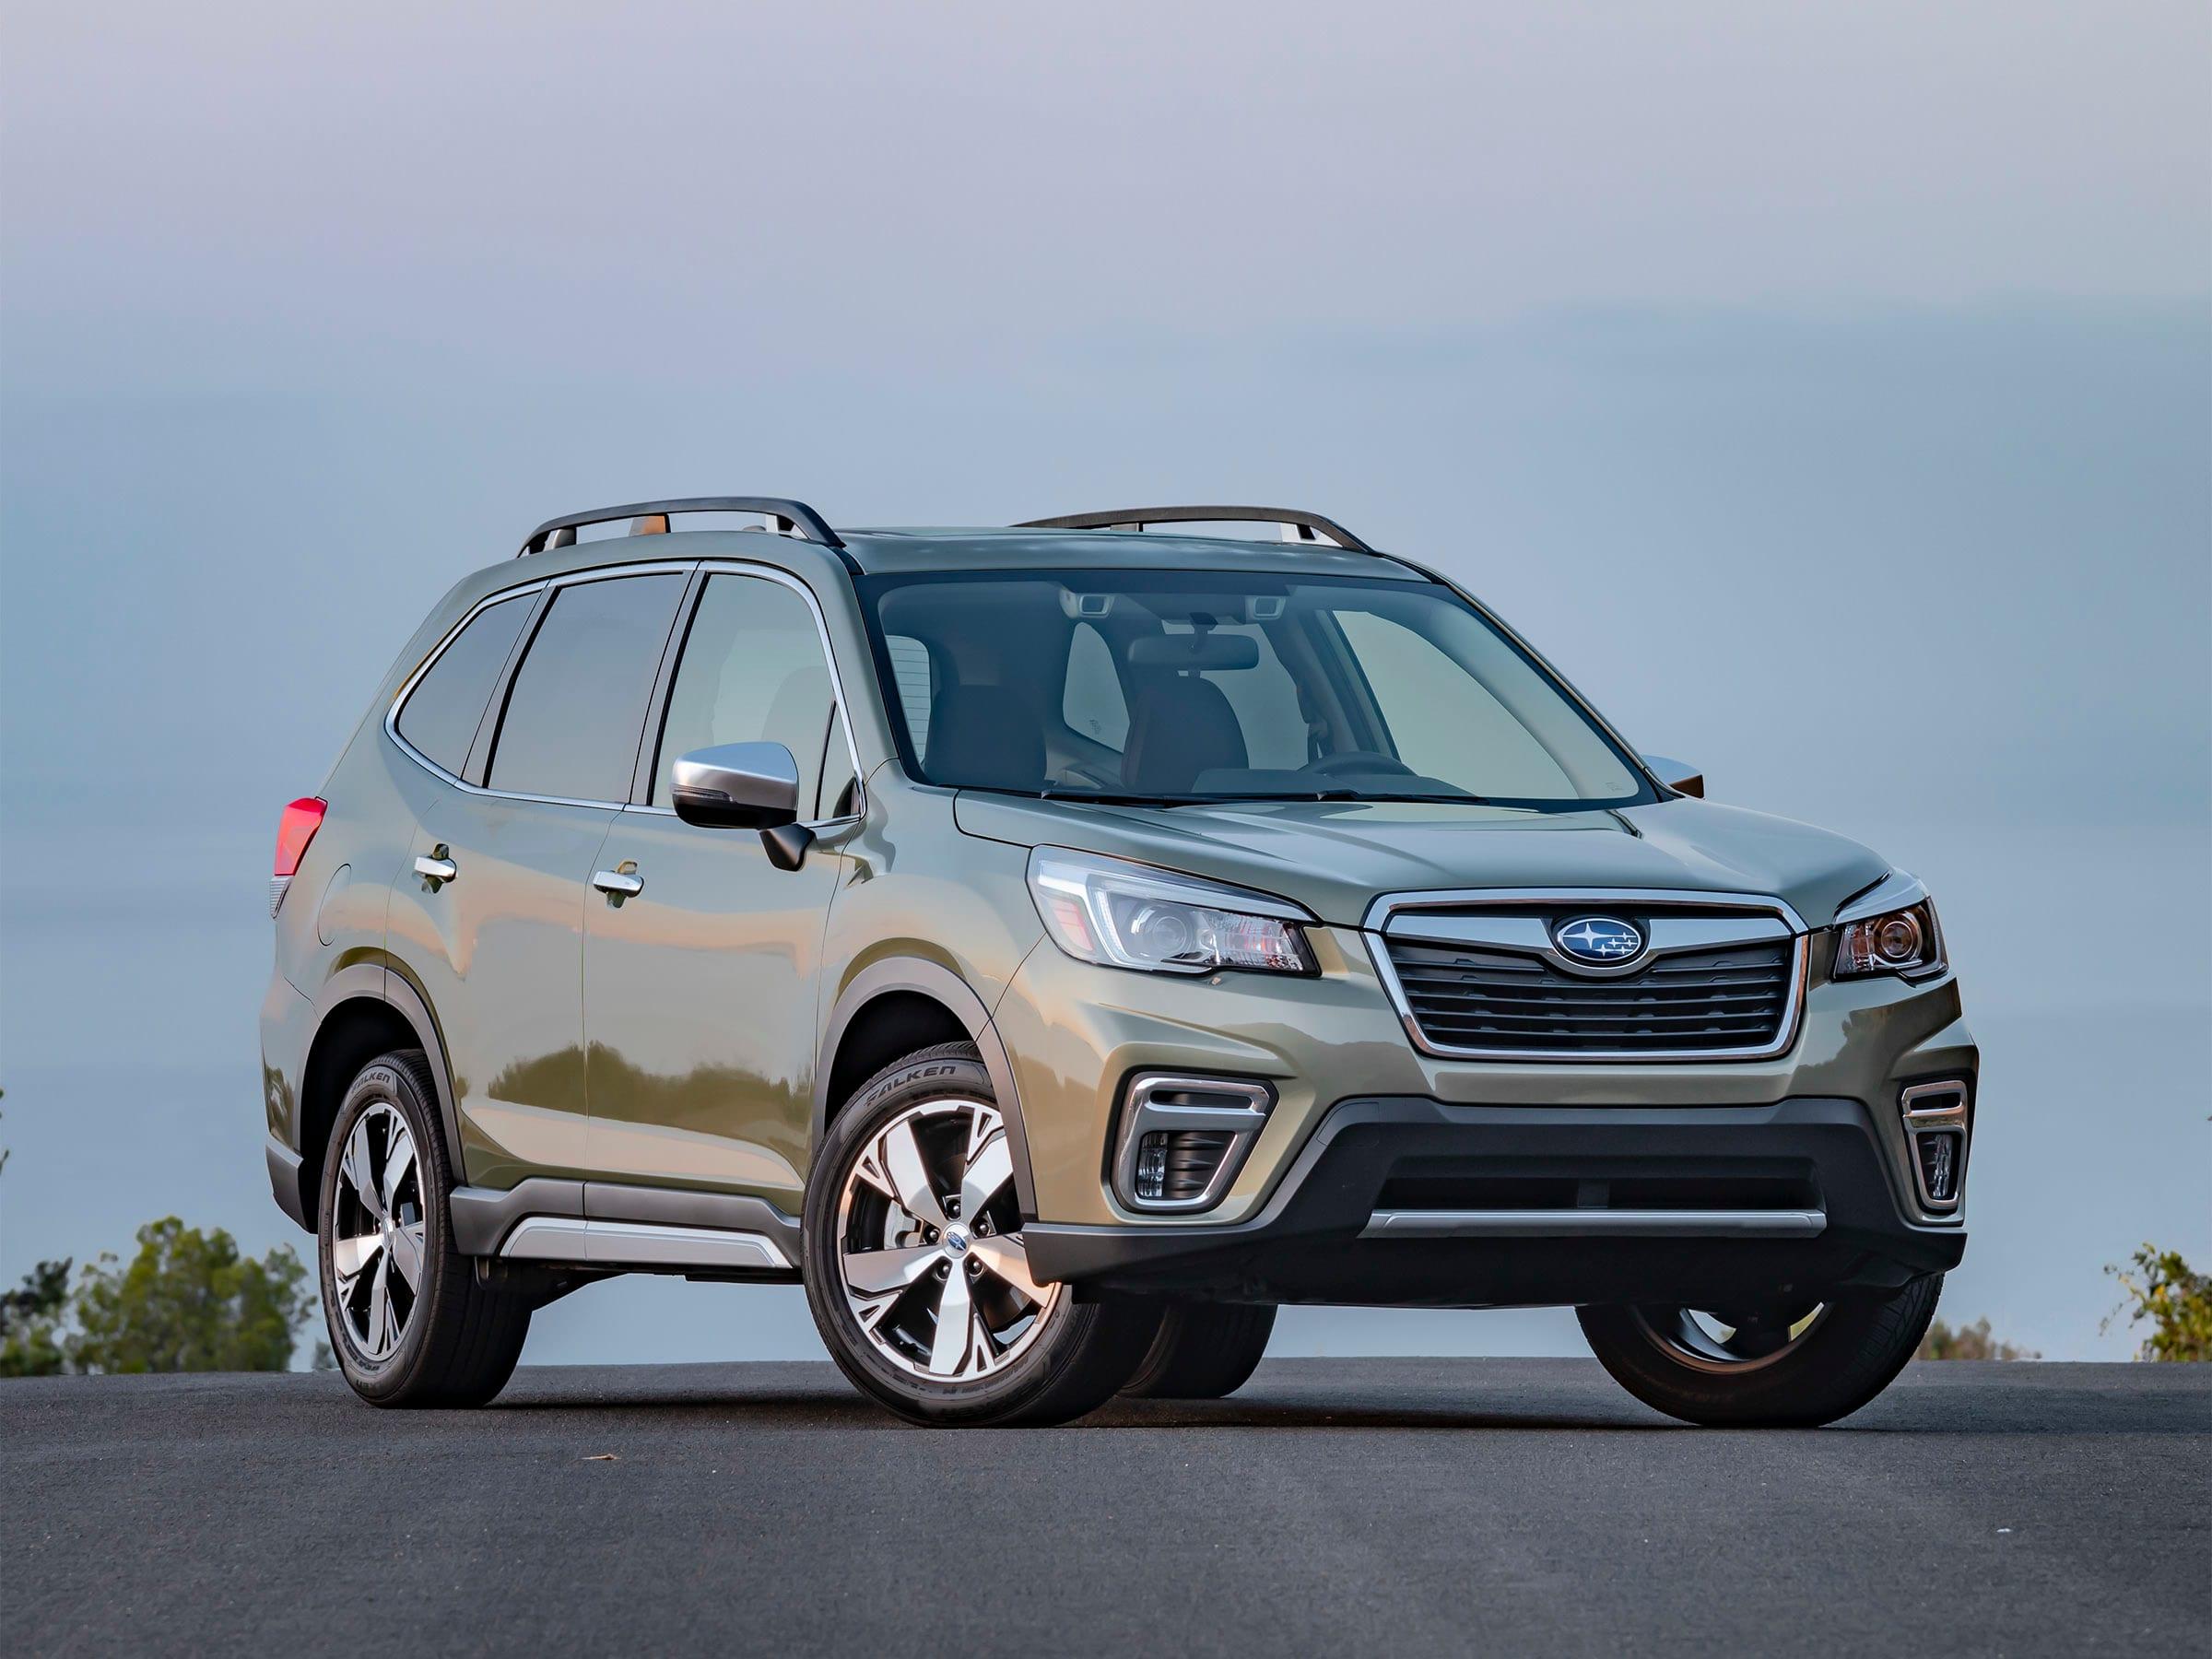 Suv Comparison Spreadsheet For Compact Suv Comparison: 2019 Subaru Forester  Kelley Blue Book